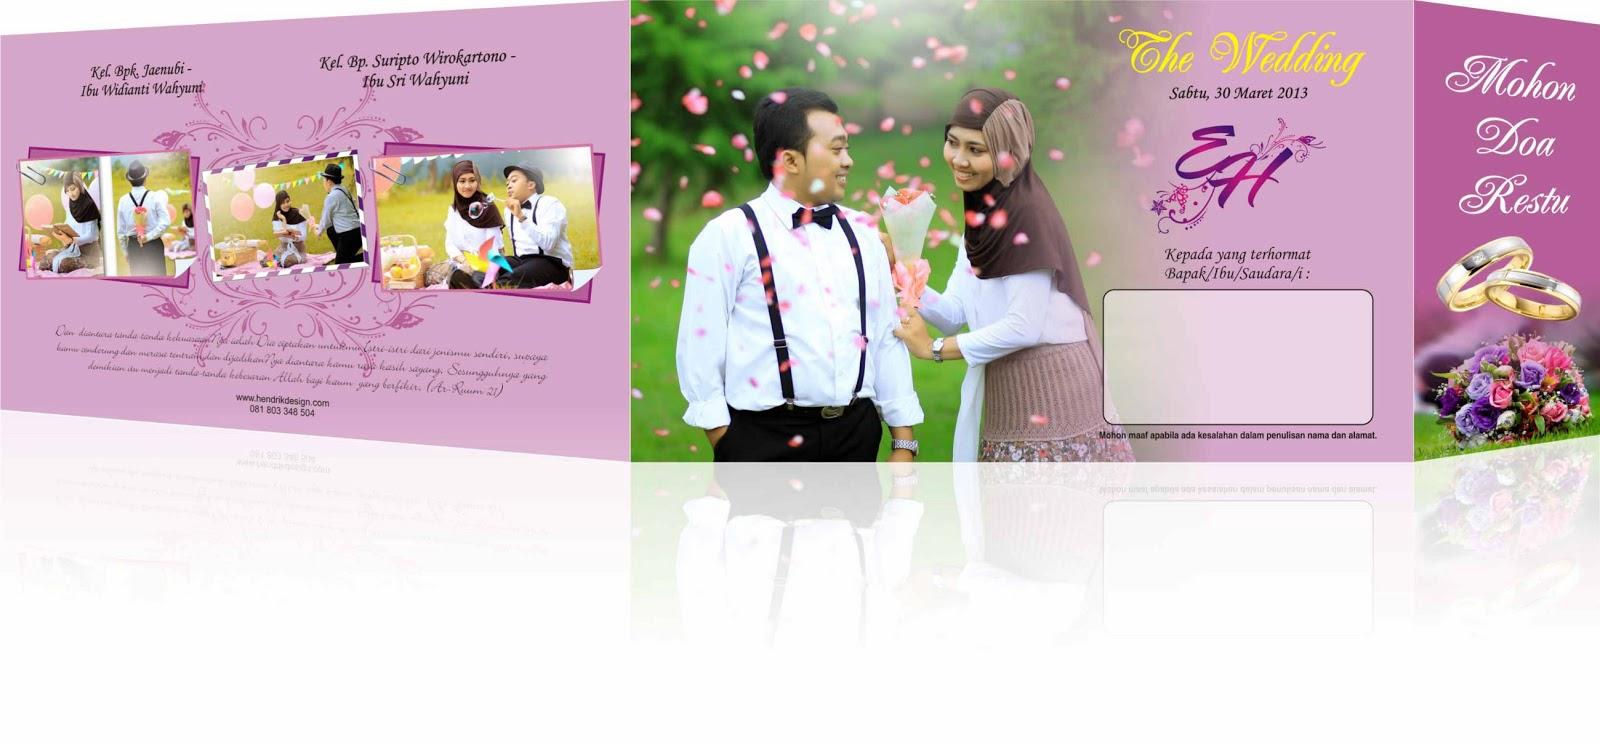 Design x banner pernikahan - Desain Dan Percetakan Undangan Pernikahan Termurah Di Solo Contoh